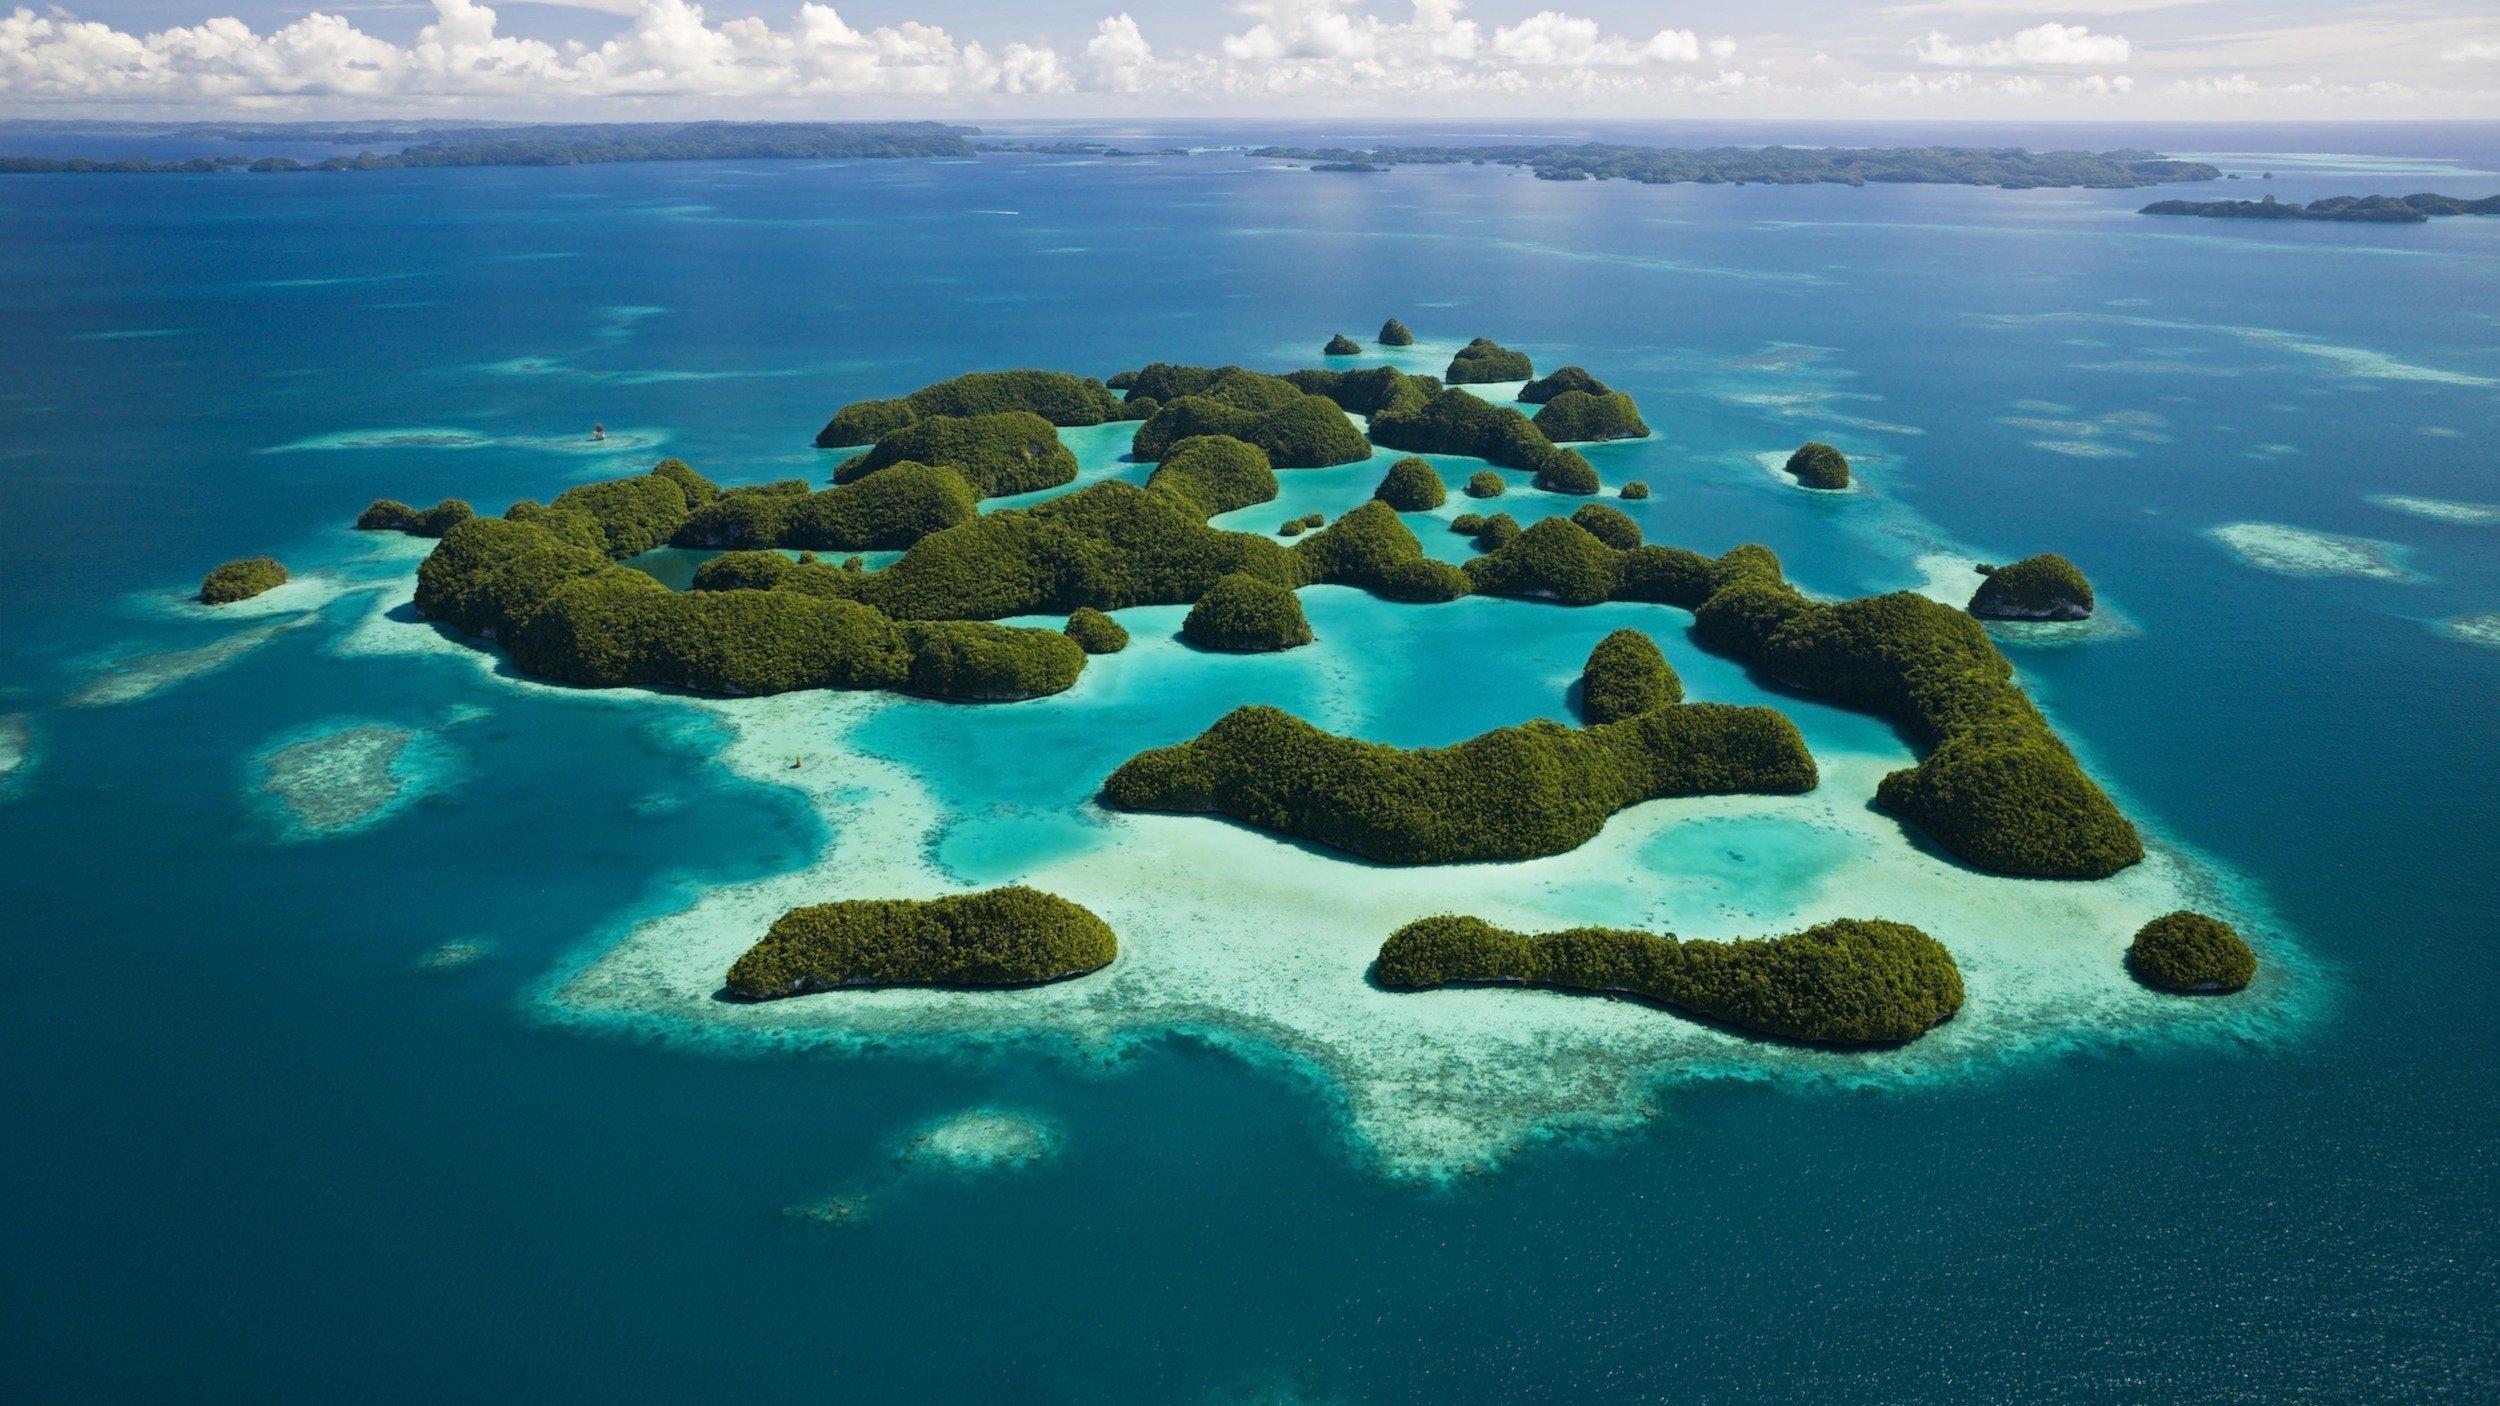 Zu sehen ist ein Luftbild von 70kleinen Inseln des Pazfikarchipels Palau, umgeben von azurblauem Meer. 78Prozent der Ausschließlichen Wirtschaftszone stehen unter strengem Schutz